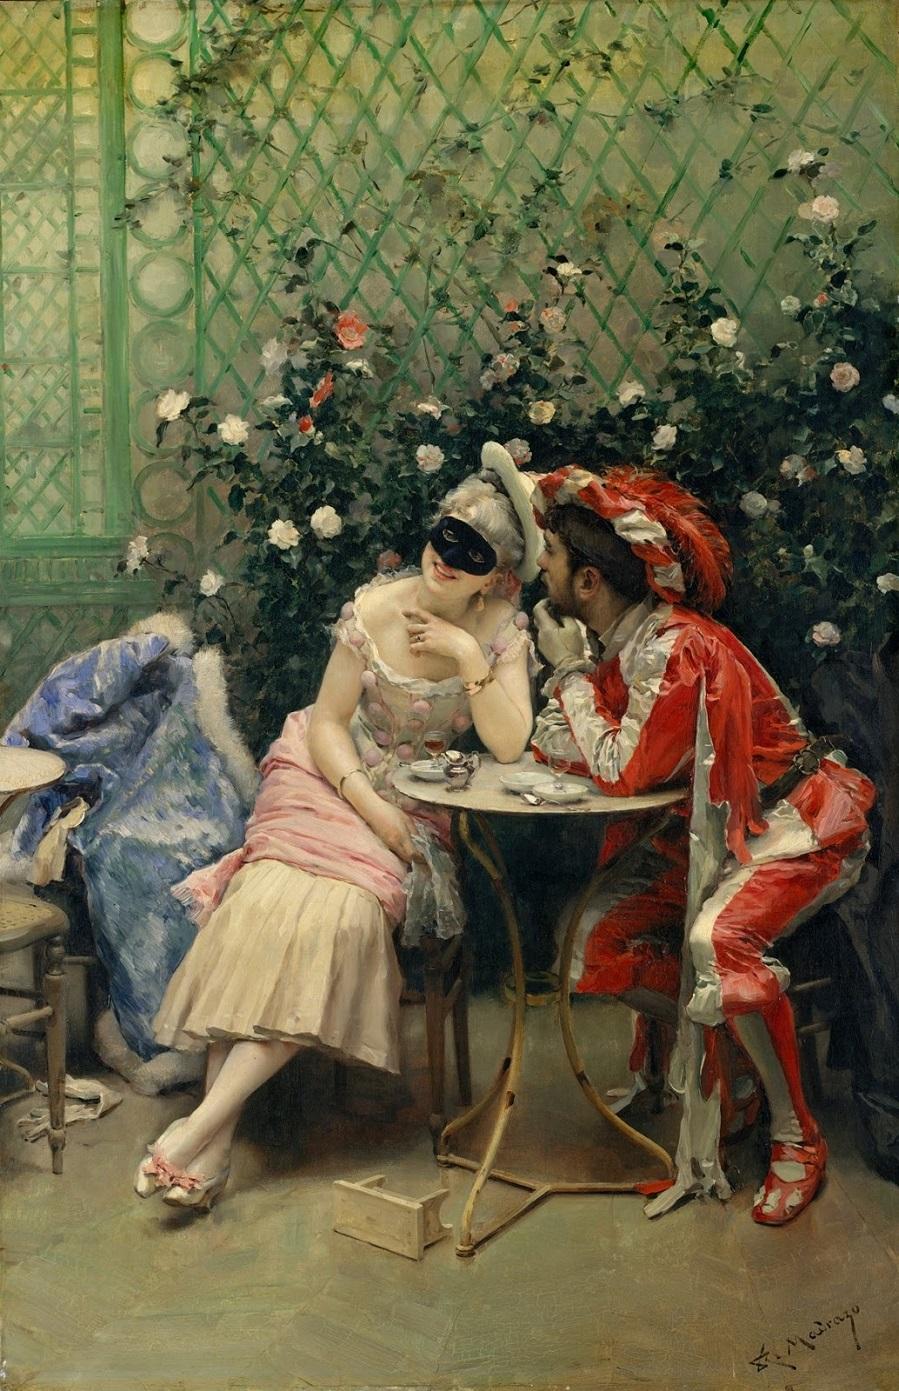 2_1875-1878_Маскарад (Masqueraders)_101.6 x 64.8_х.,м._Нью-Йорк, музей Метрополитен.jpg